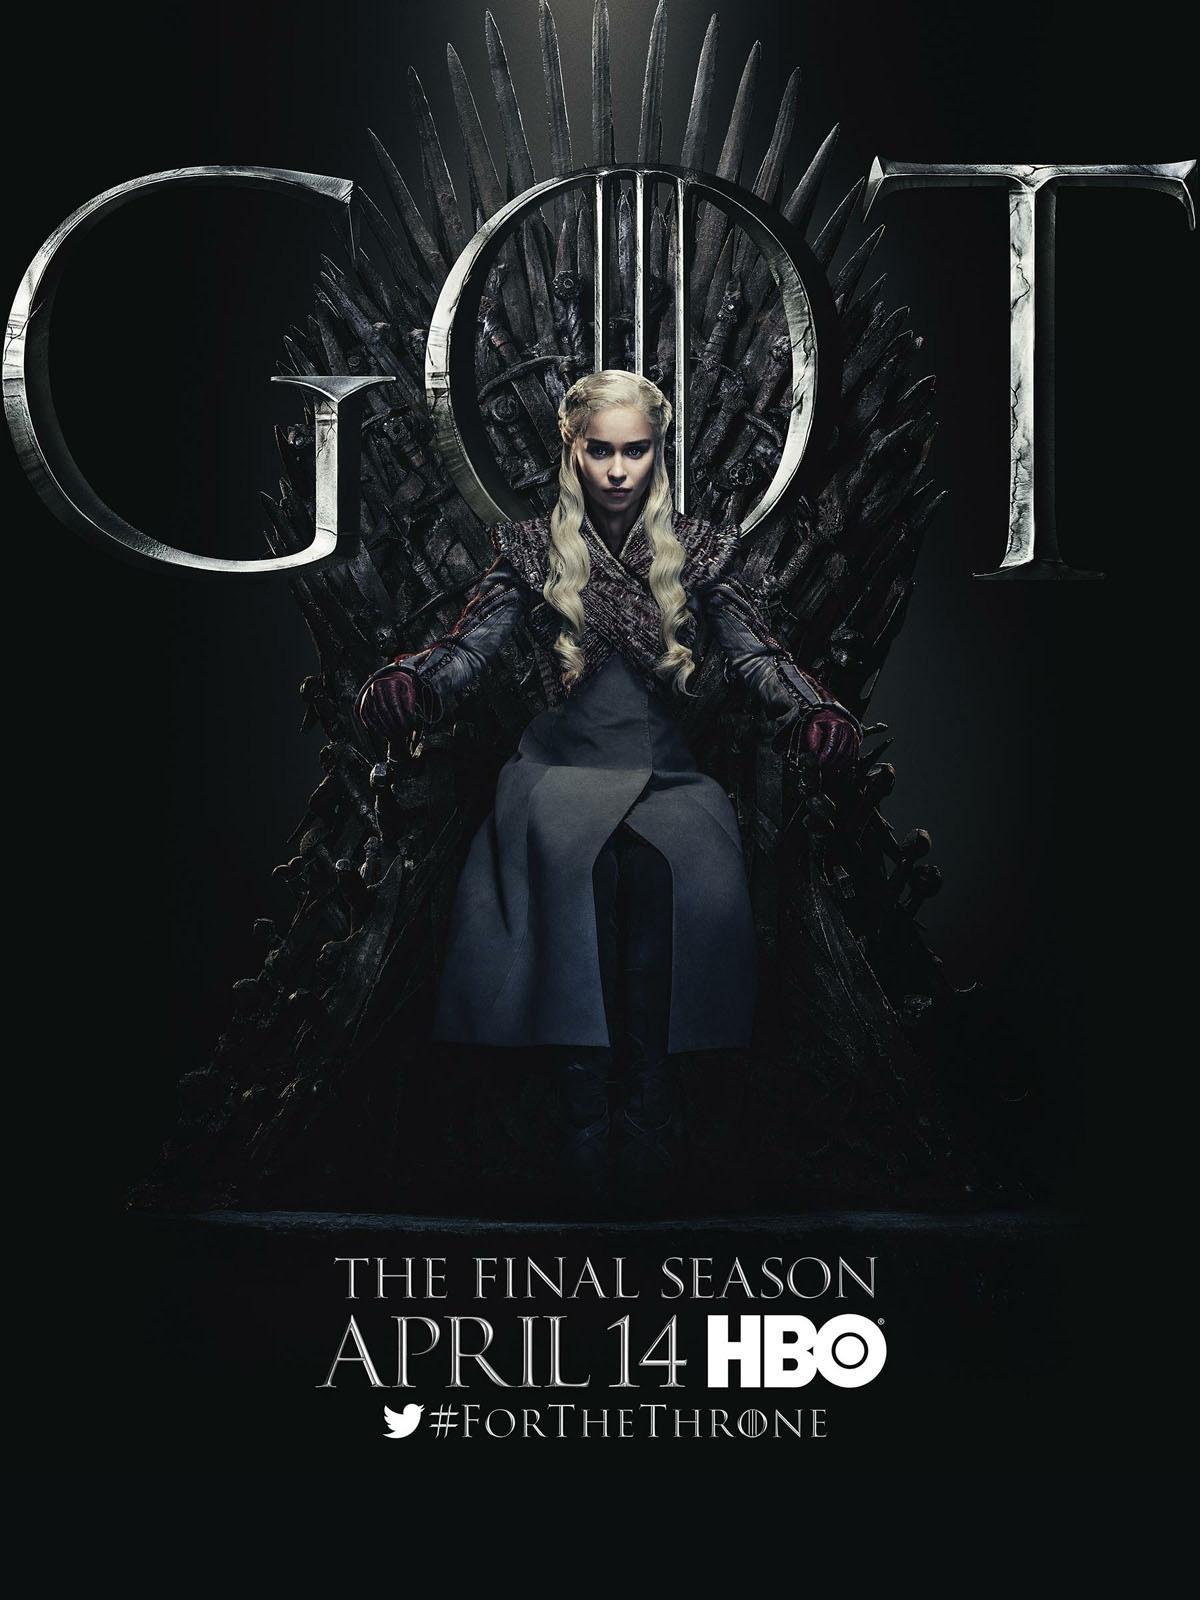 Affiche de la série Game of Thrones